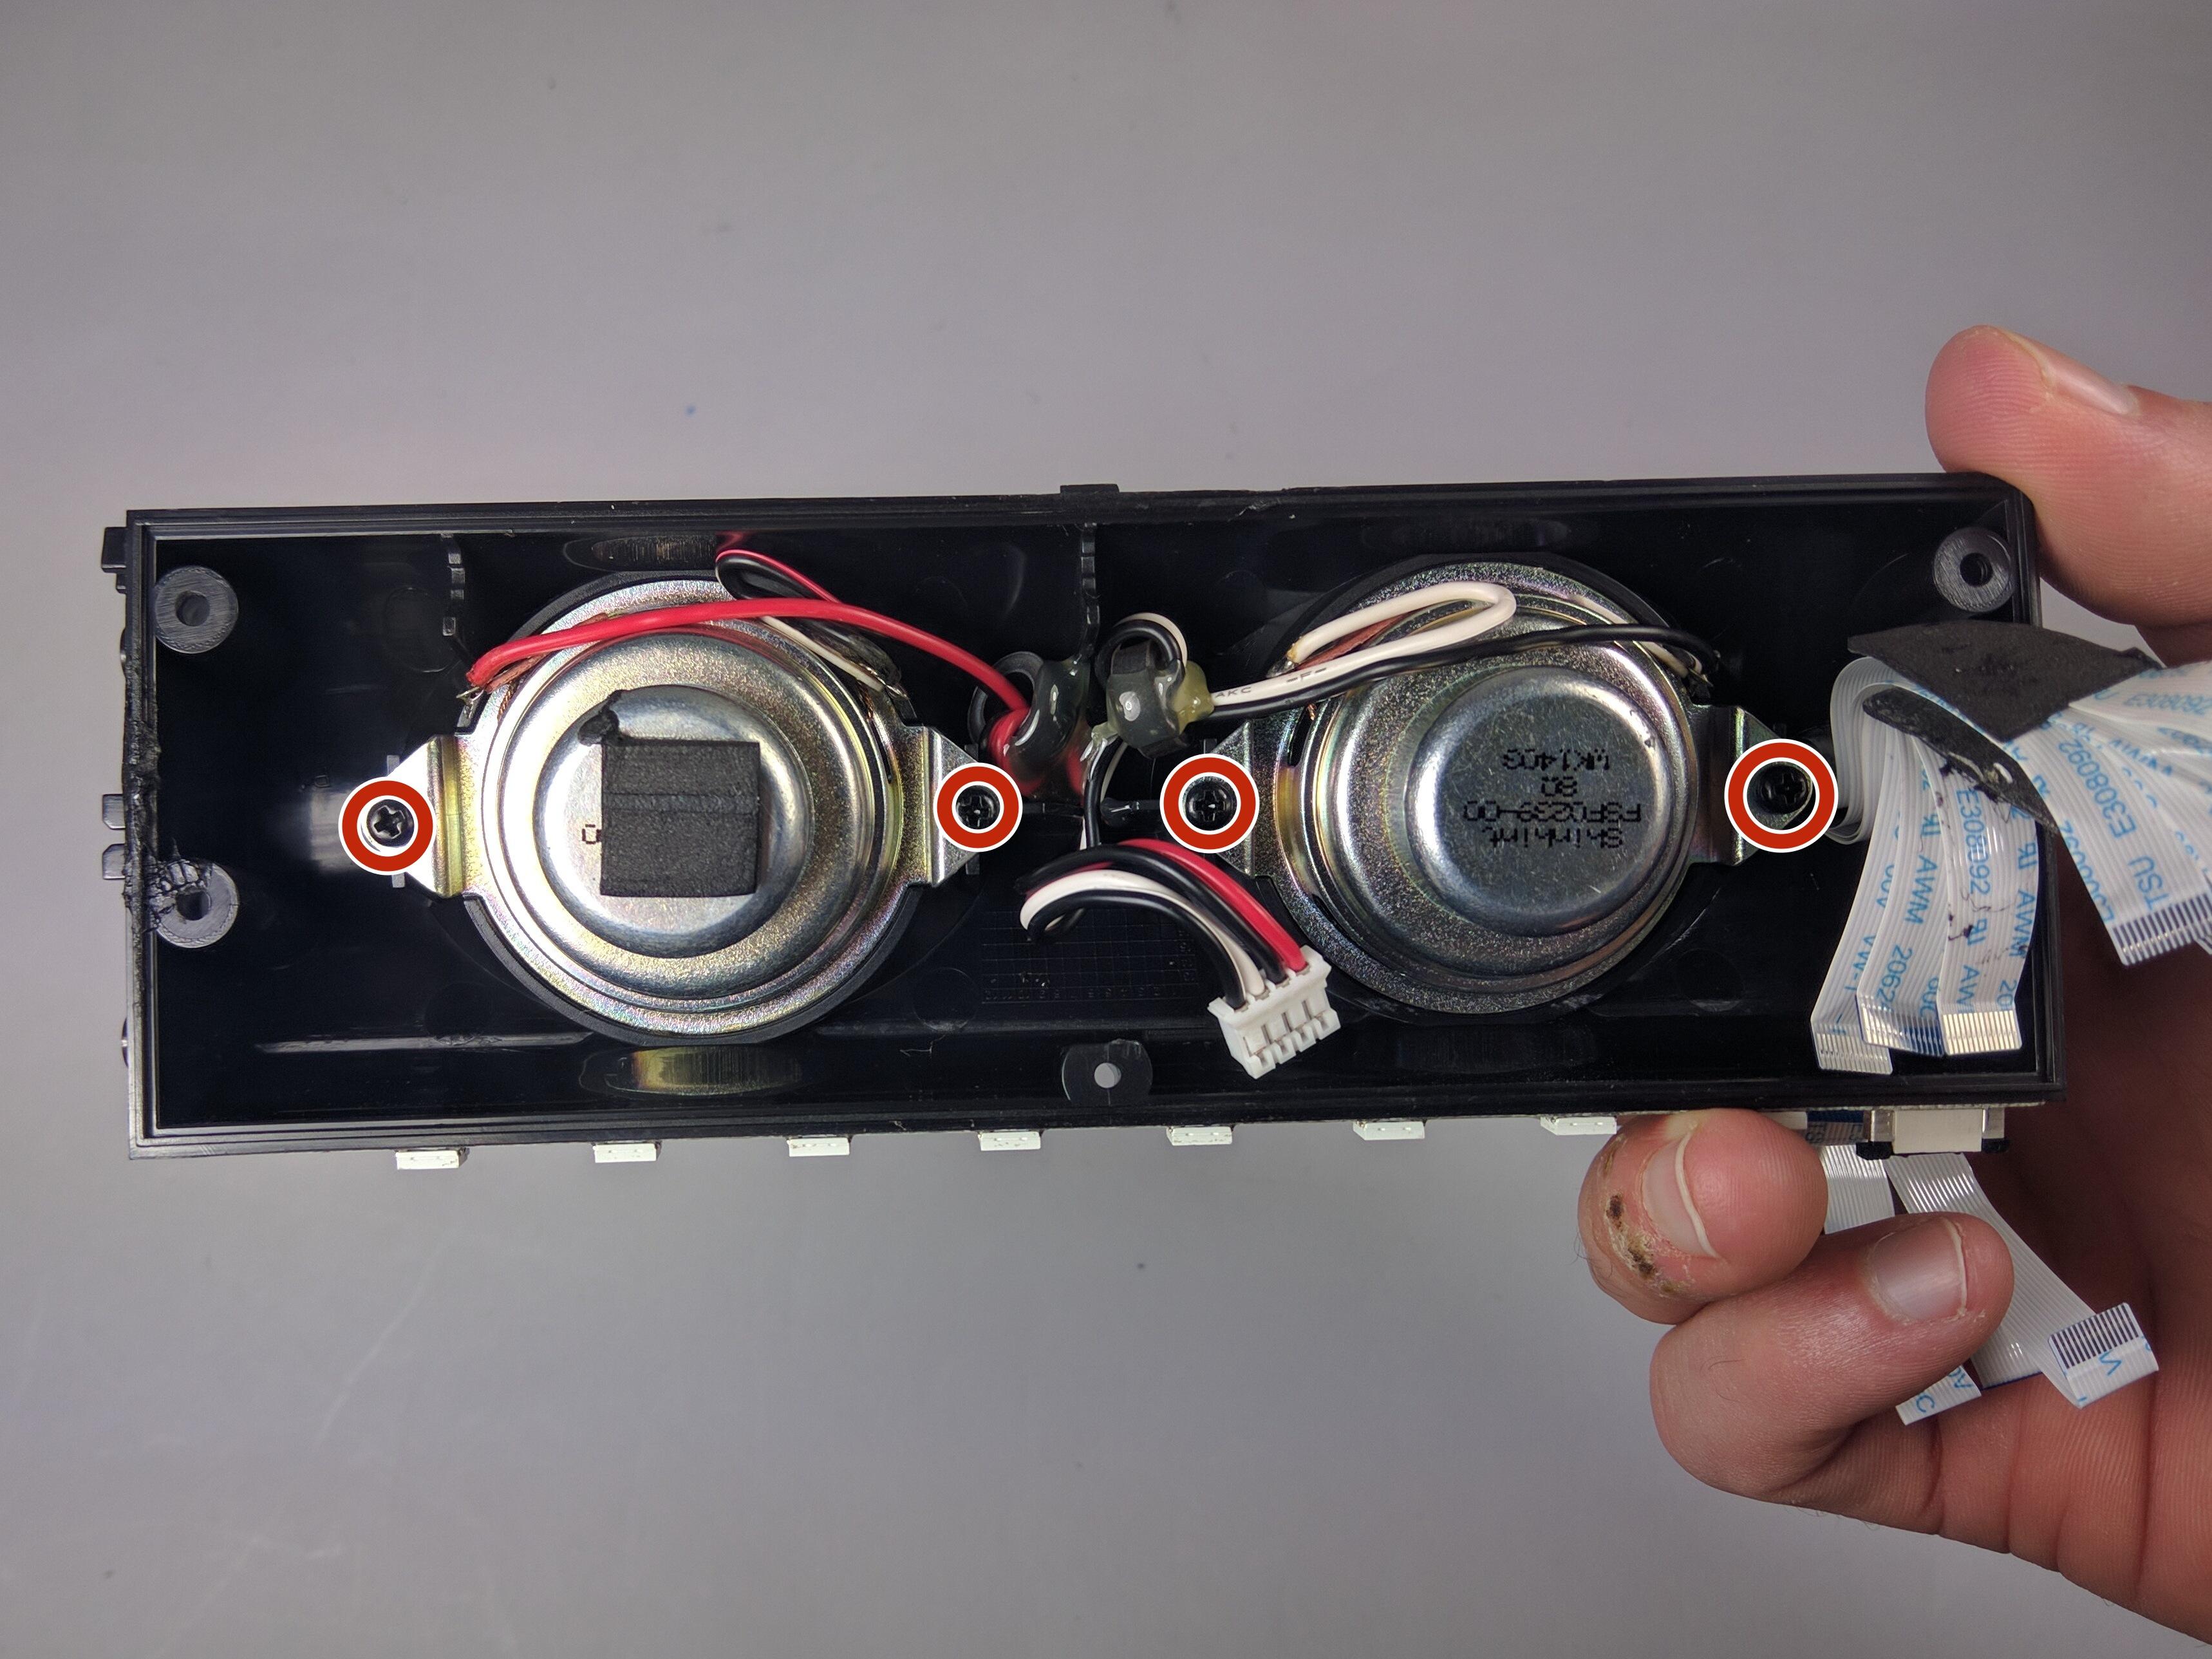 Jbl pulse speakers replacement ifixit repair guide for Housse jbl pulse 3